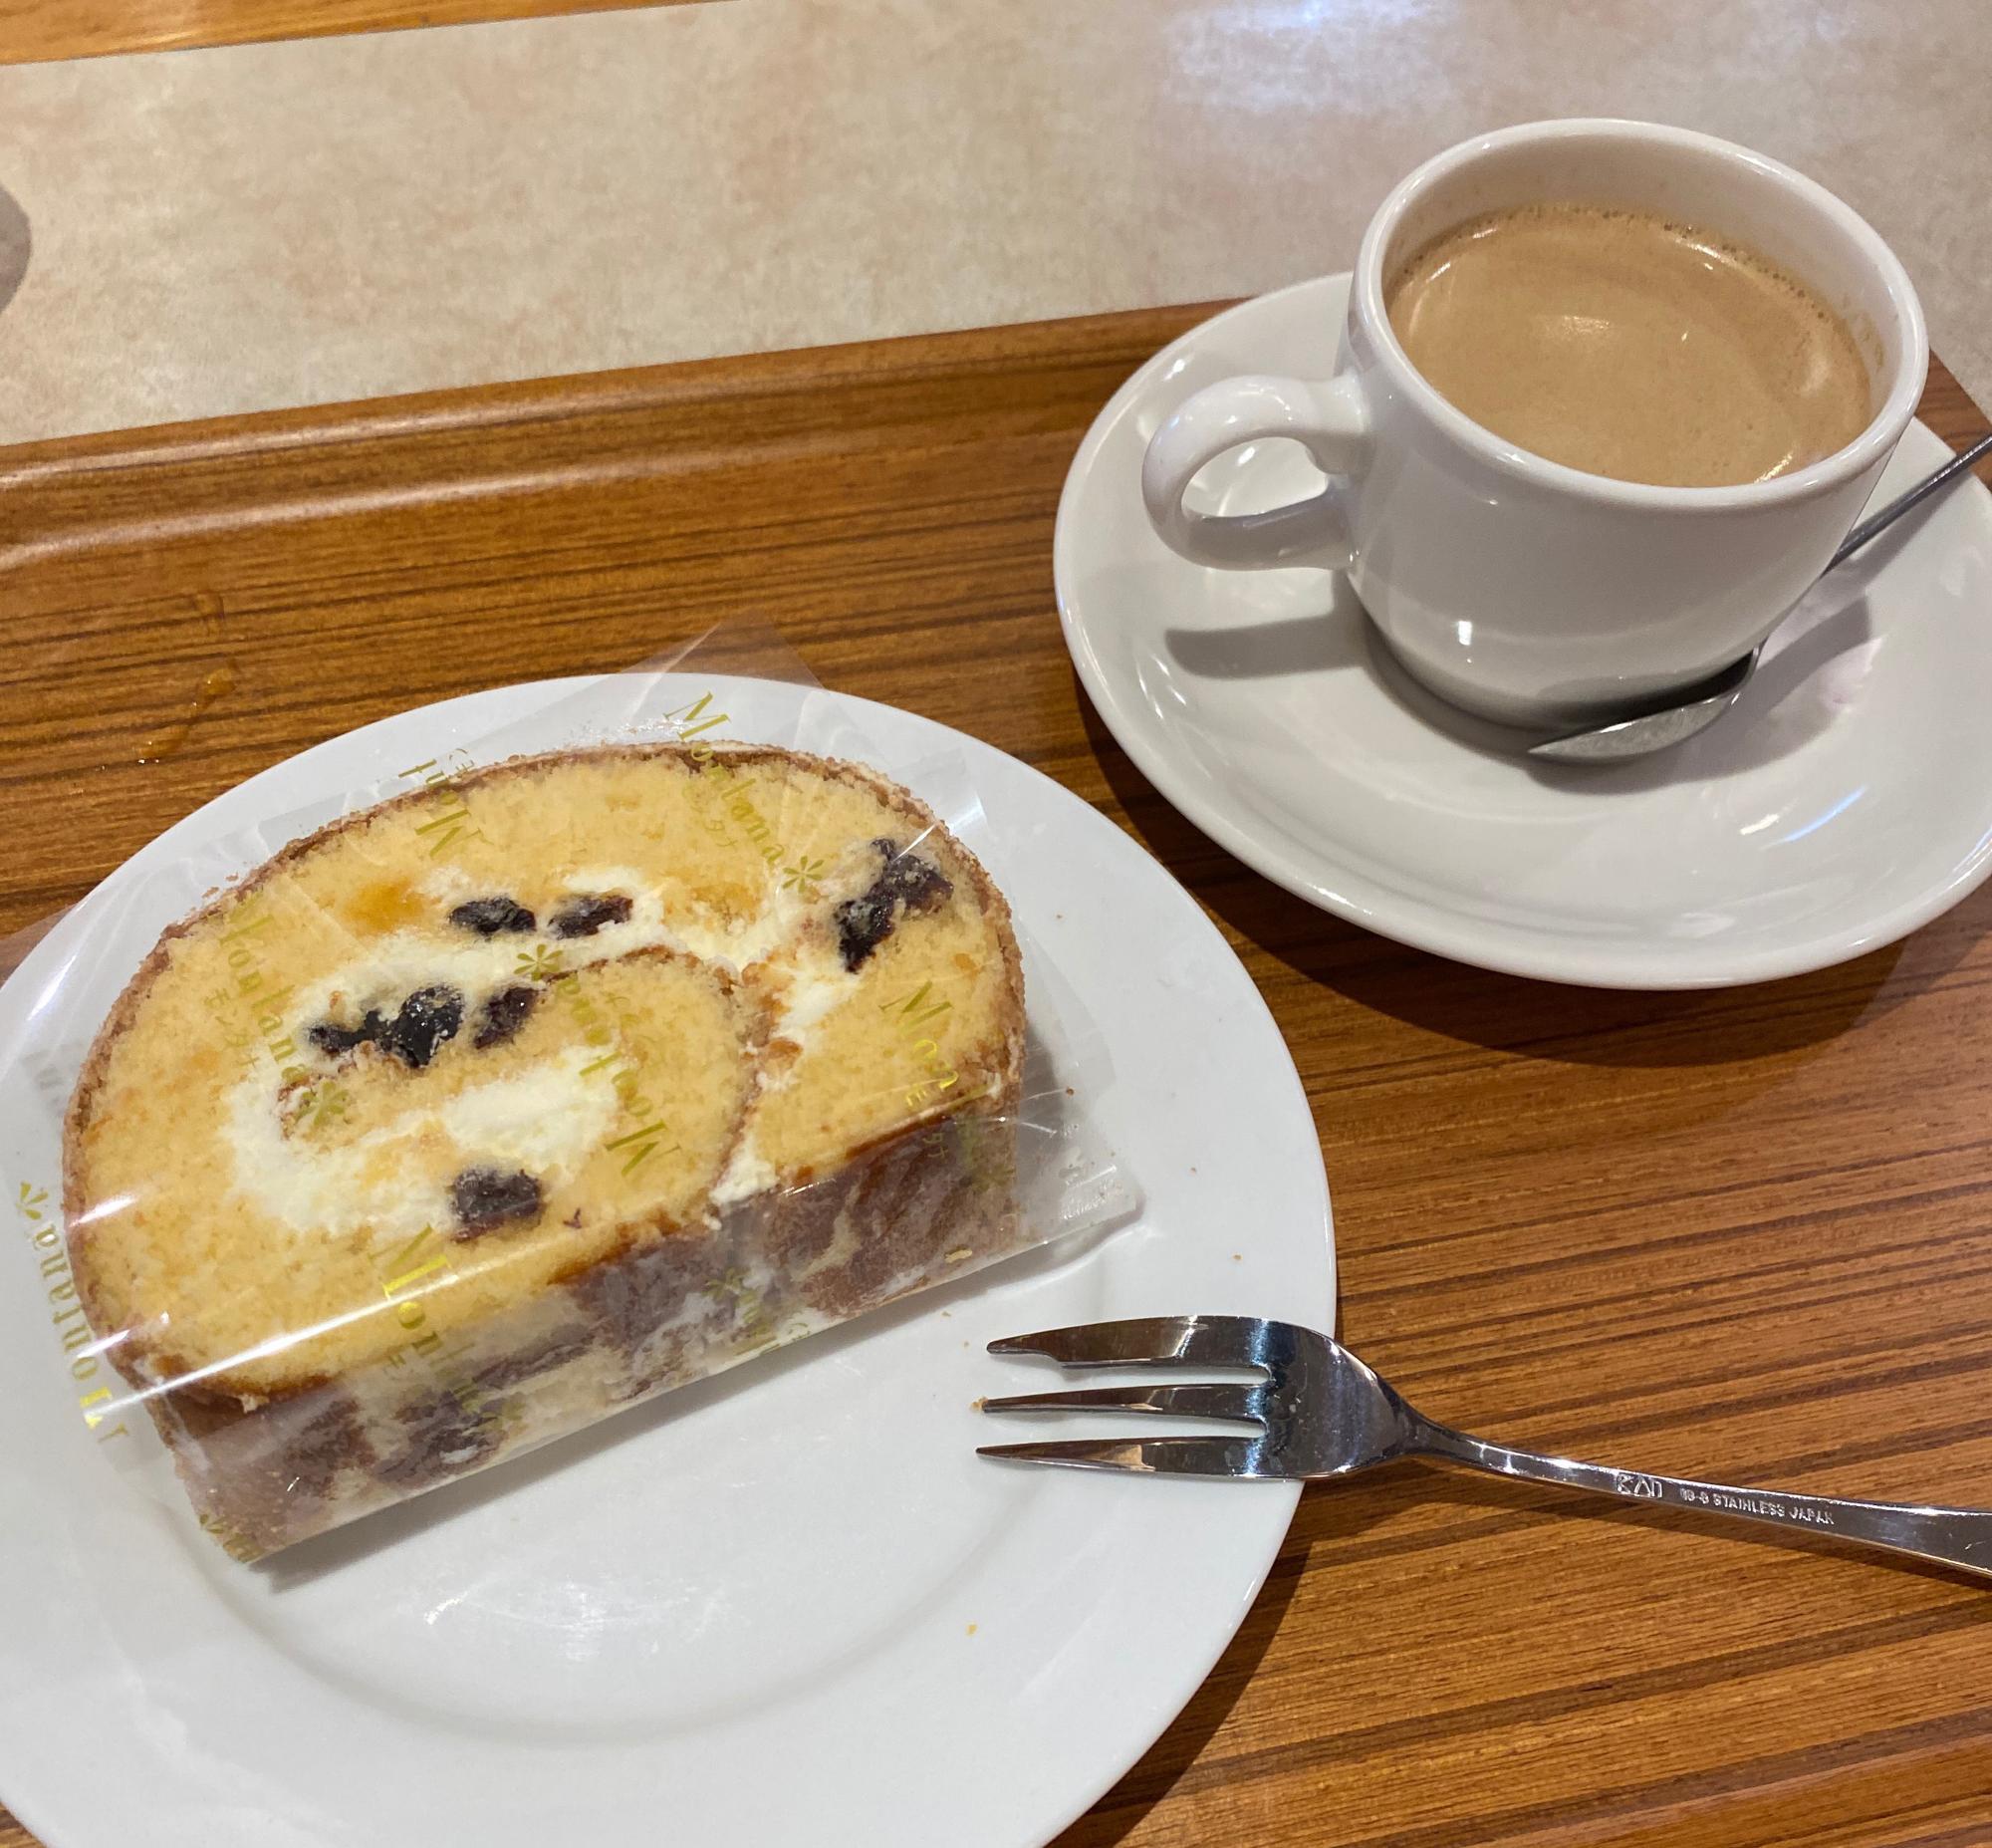 バタークリームが使用されているロールケーキ